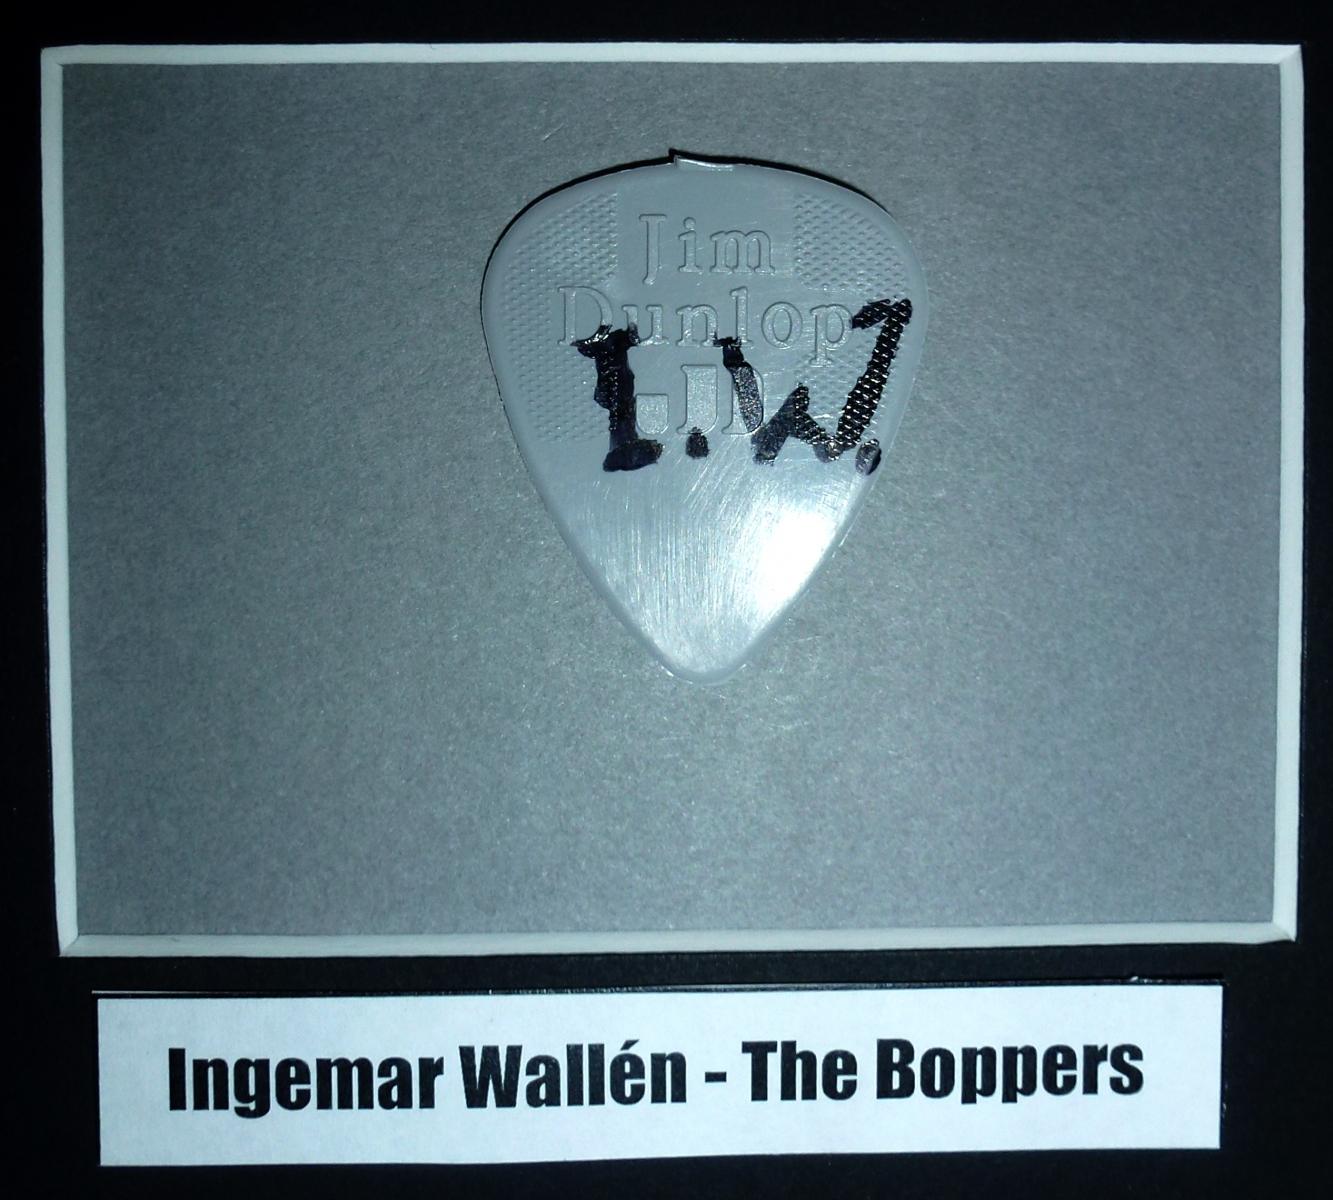 Ingemar Wallen